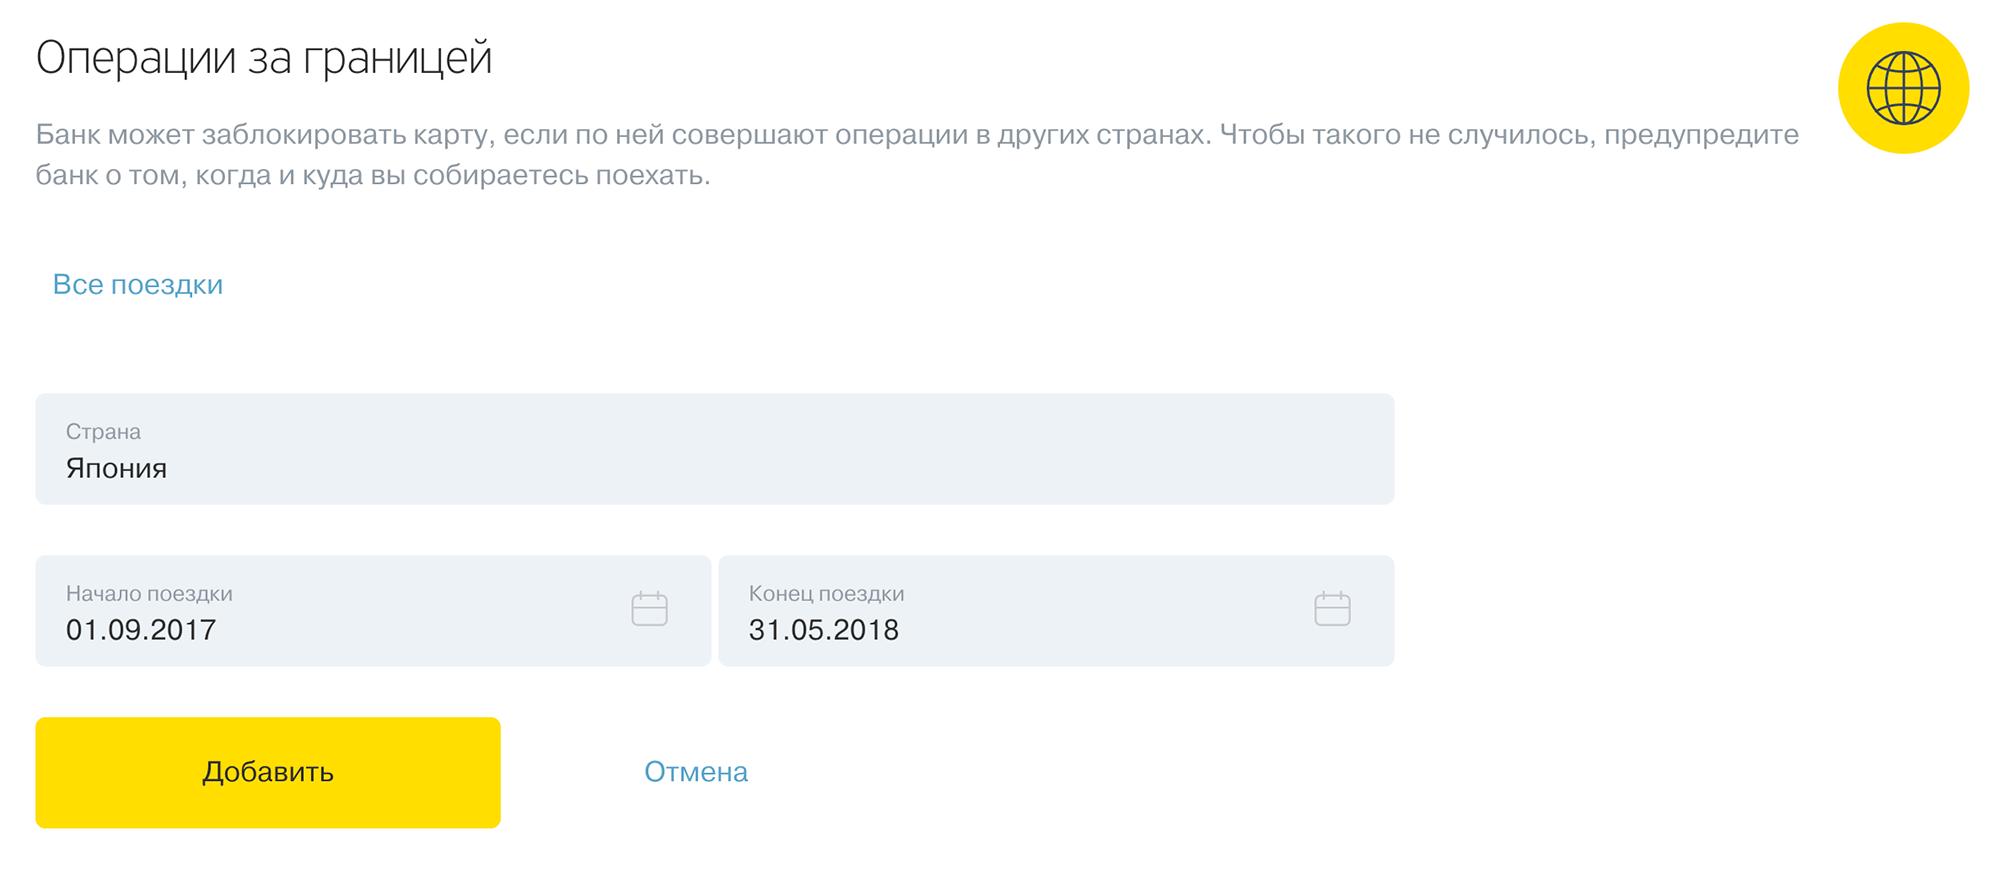 Как пользоваться картой российского банка, если надолго едешь за границу?